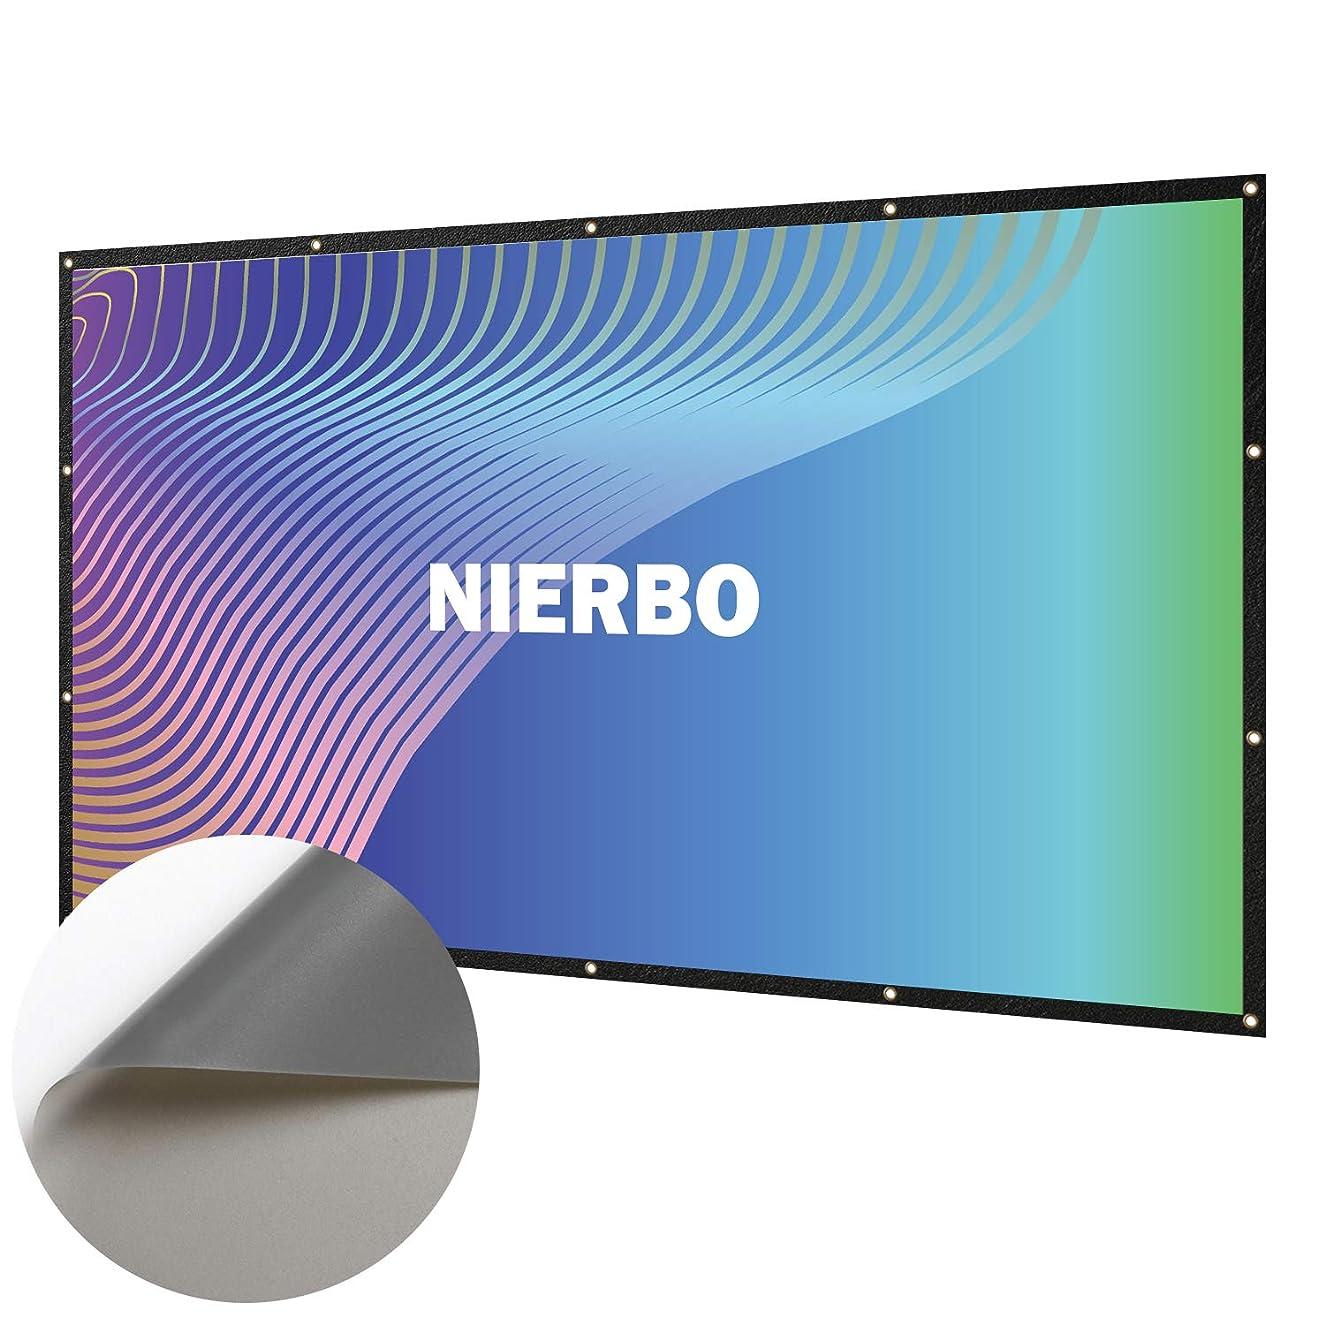 風味タップ大脳リア投影型スクリーン 100インチ 16:9 折り畳み式 4k/フルハイビジョン対応 スクリーンの後方から投影 プロジェクター用 ホームシアター 会議 屋外屋内用 (100インチ)